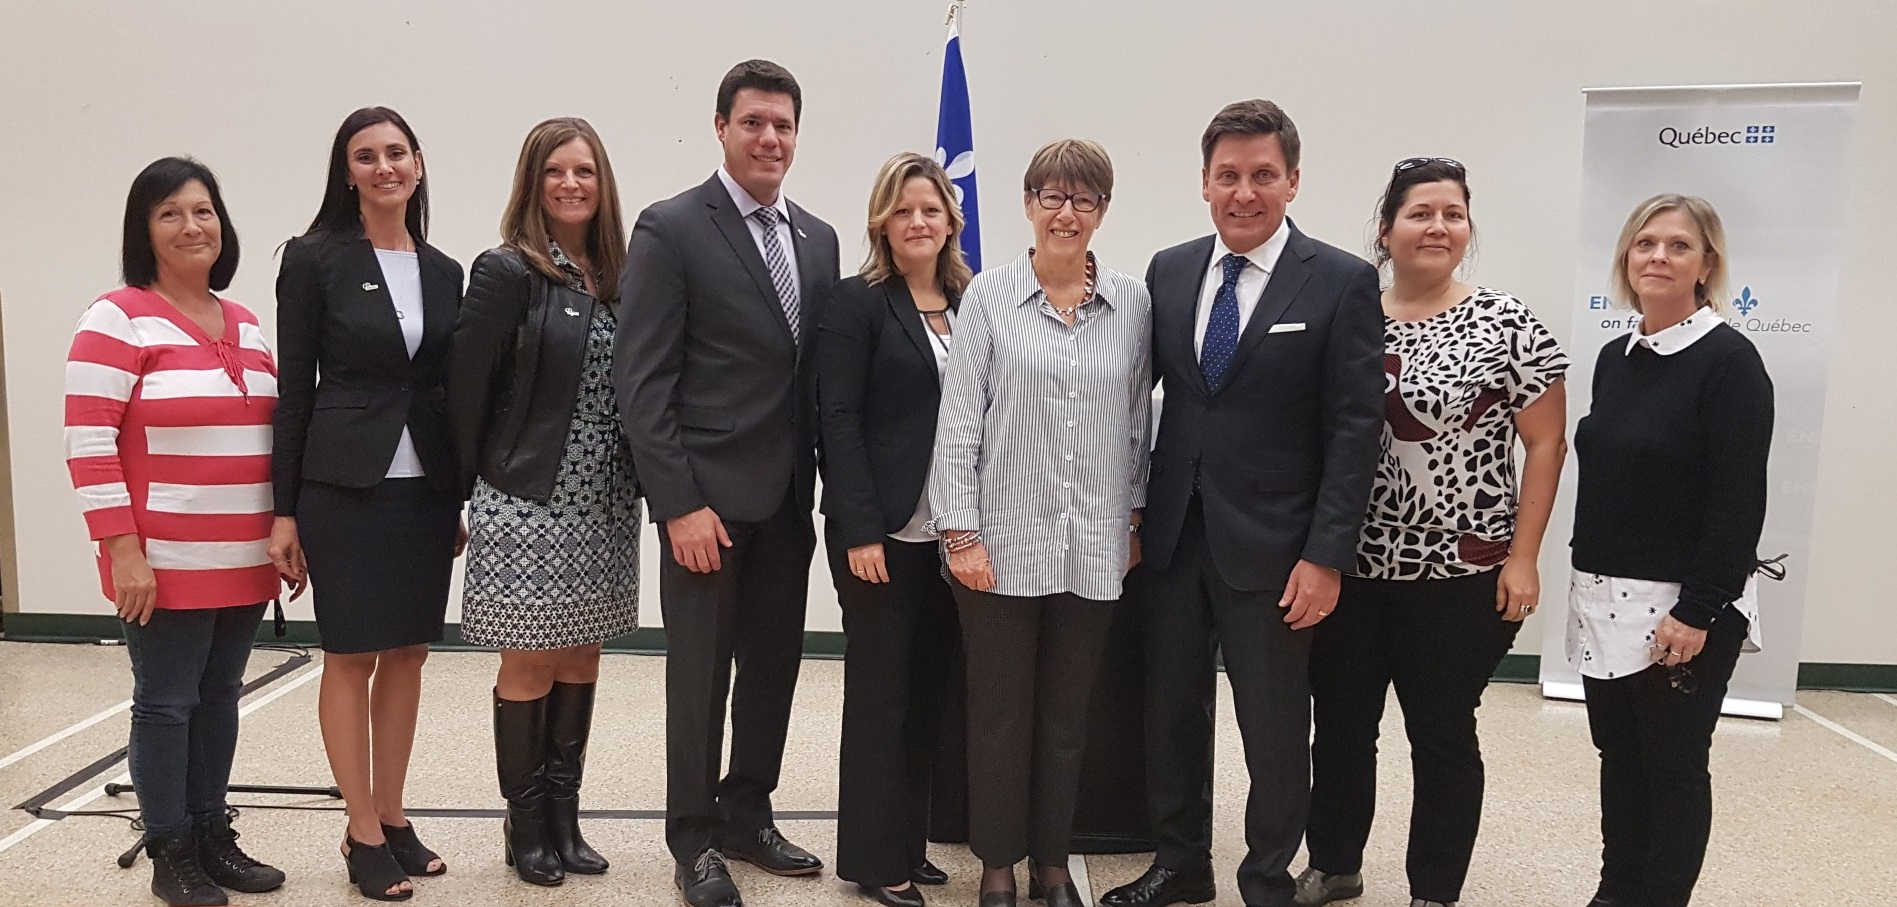 Une nouvelle école primaire sera construite à Mercier!